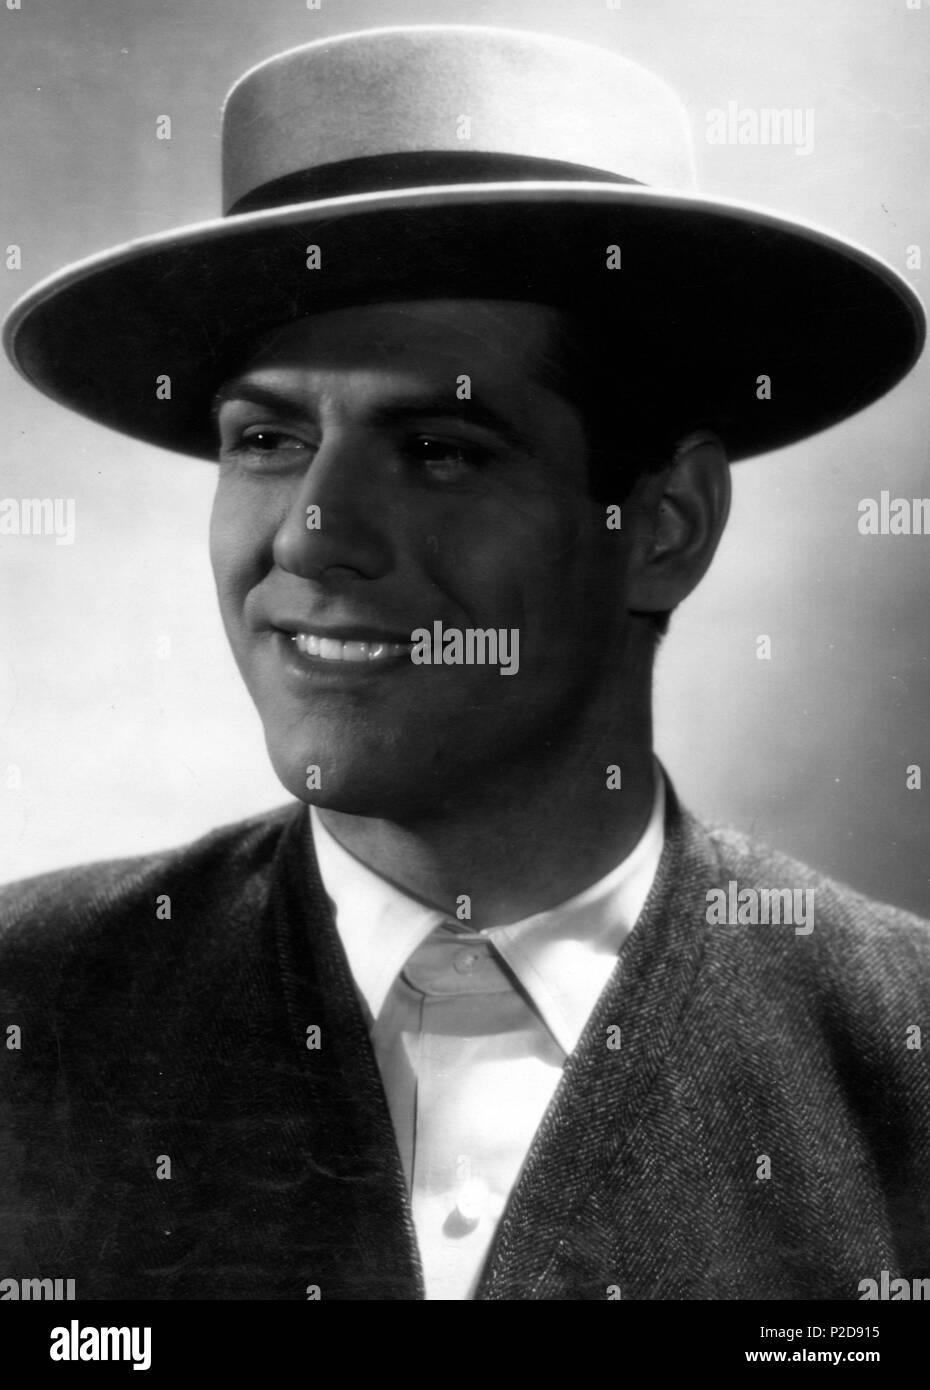 Mario Cabré, torero y actor español. Stock Photo